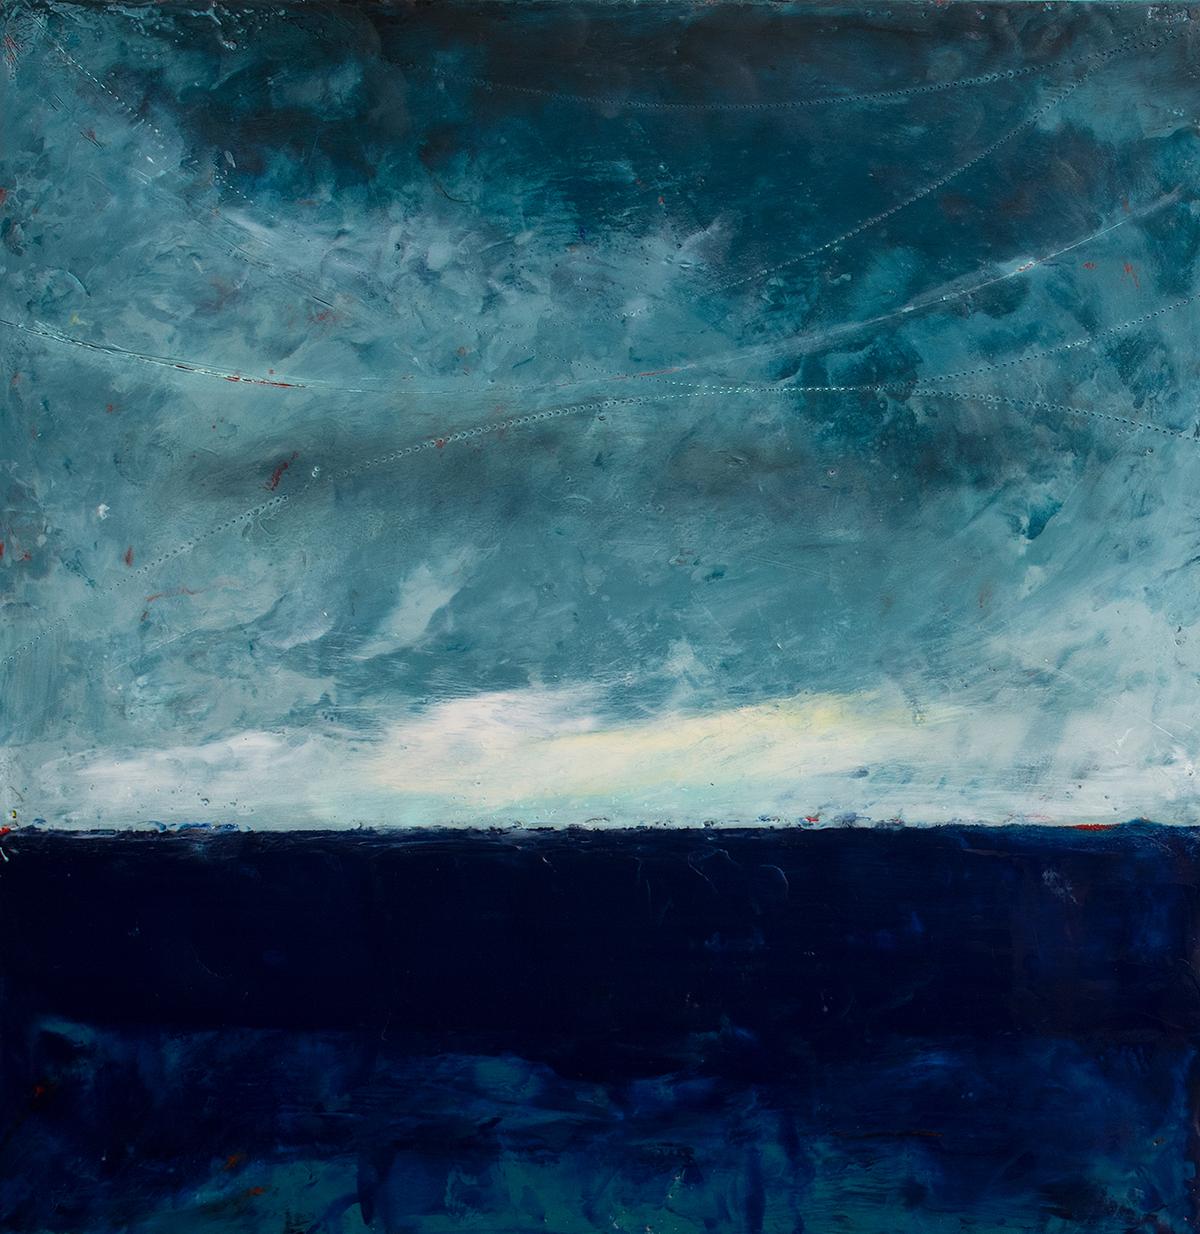 Small seascape by Graceann Warn.